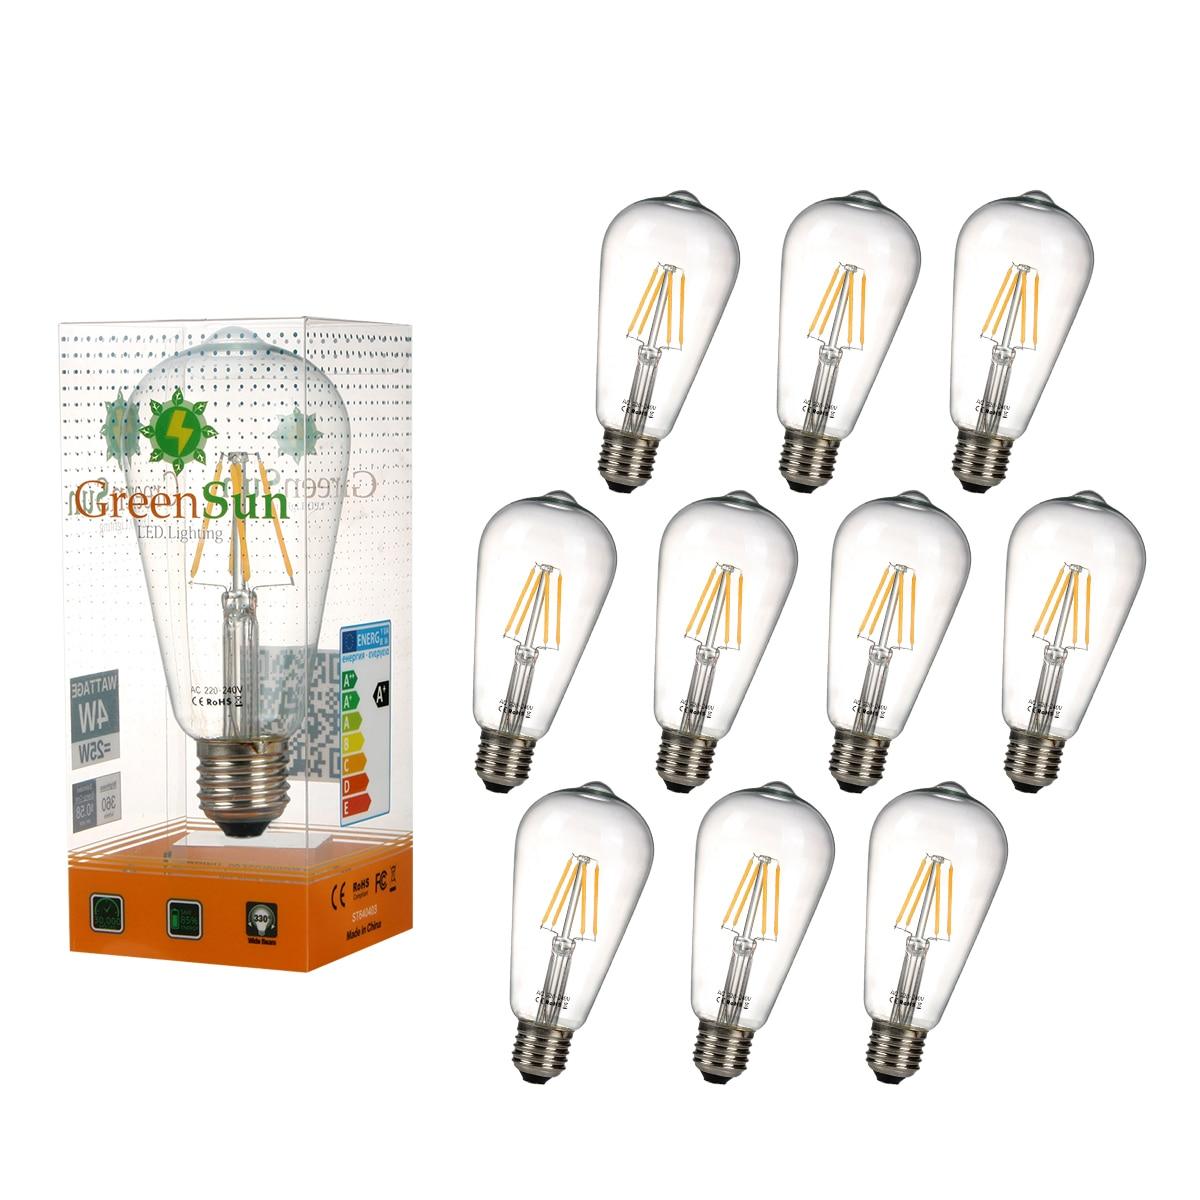 10PPCS E27 4W Edison LED Filament Light Candle Lamp Energy Saving Bulb Warm White 4pcs e27 4w warm white cob led filament globe energy saving bulb light xmas lamp